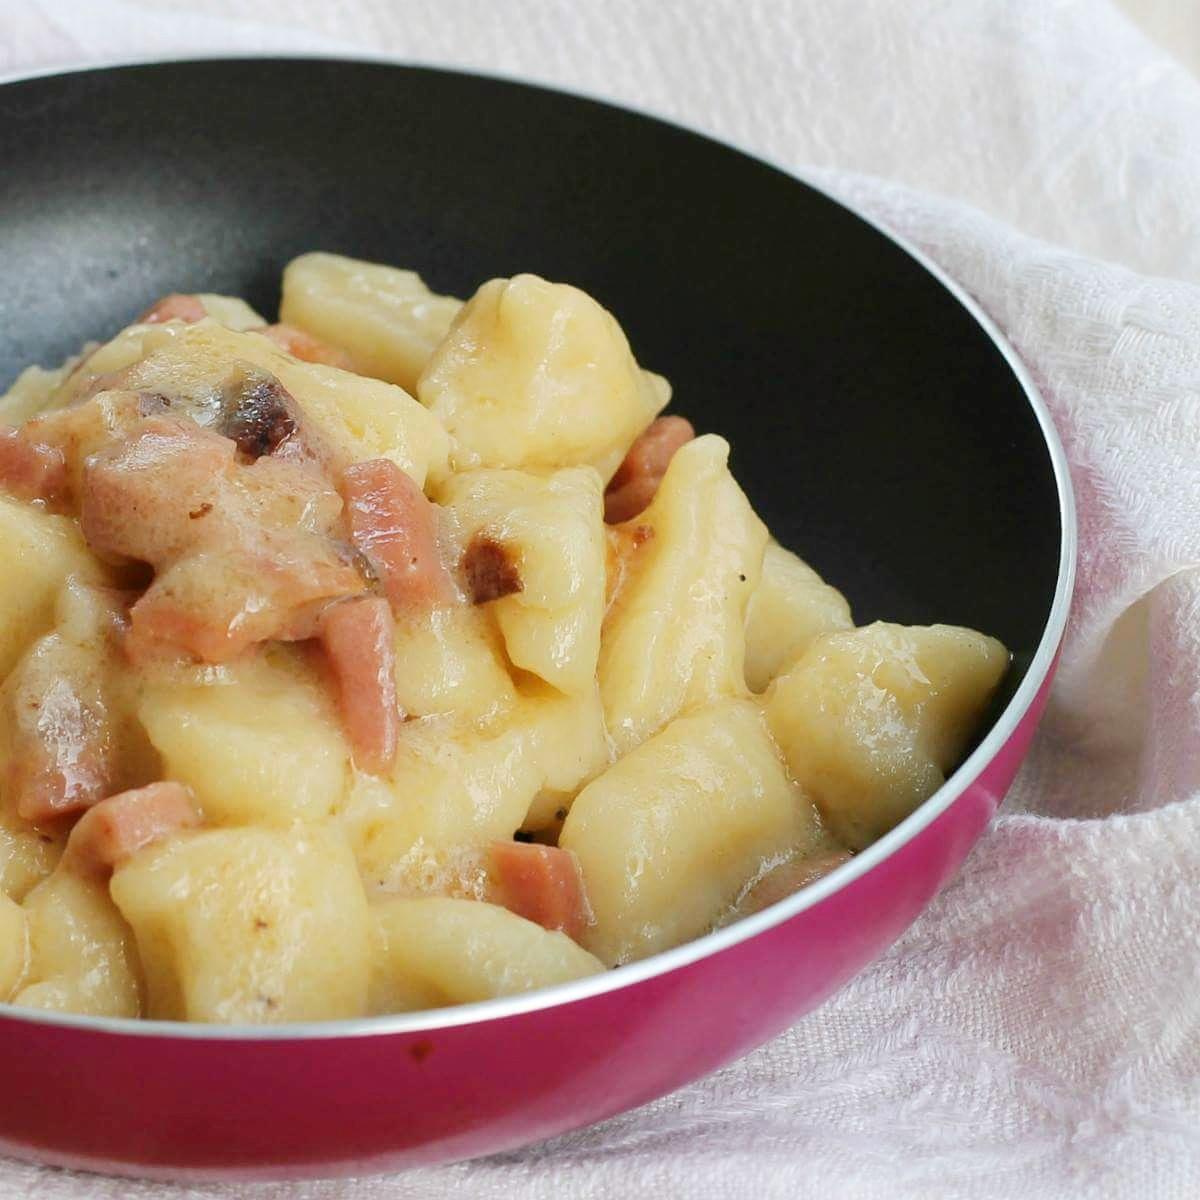 Ricetta Salsa Per Gnocchi Di Patate.Condimento Per Gnocchi Ricetta Gnocchi Cremosi Speck Parmigiano